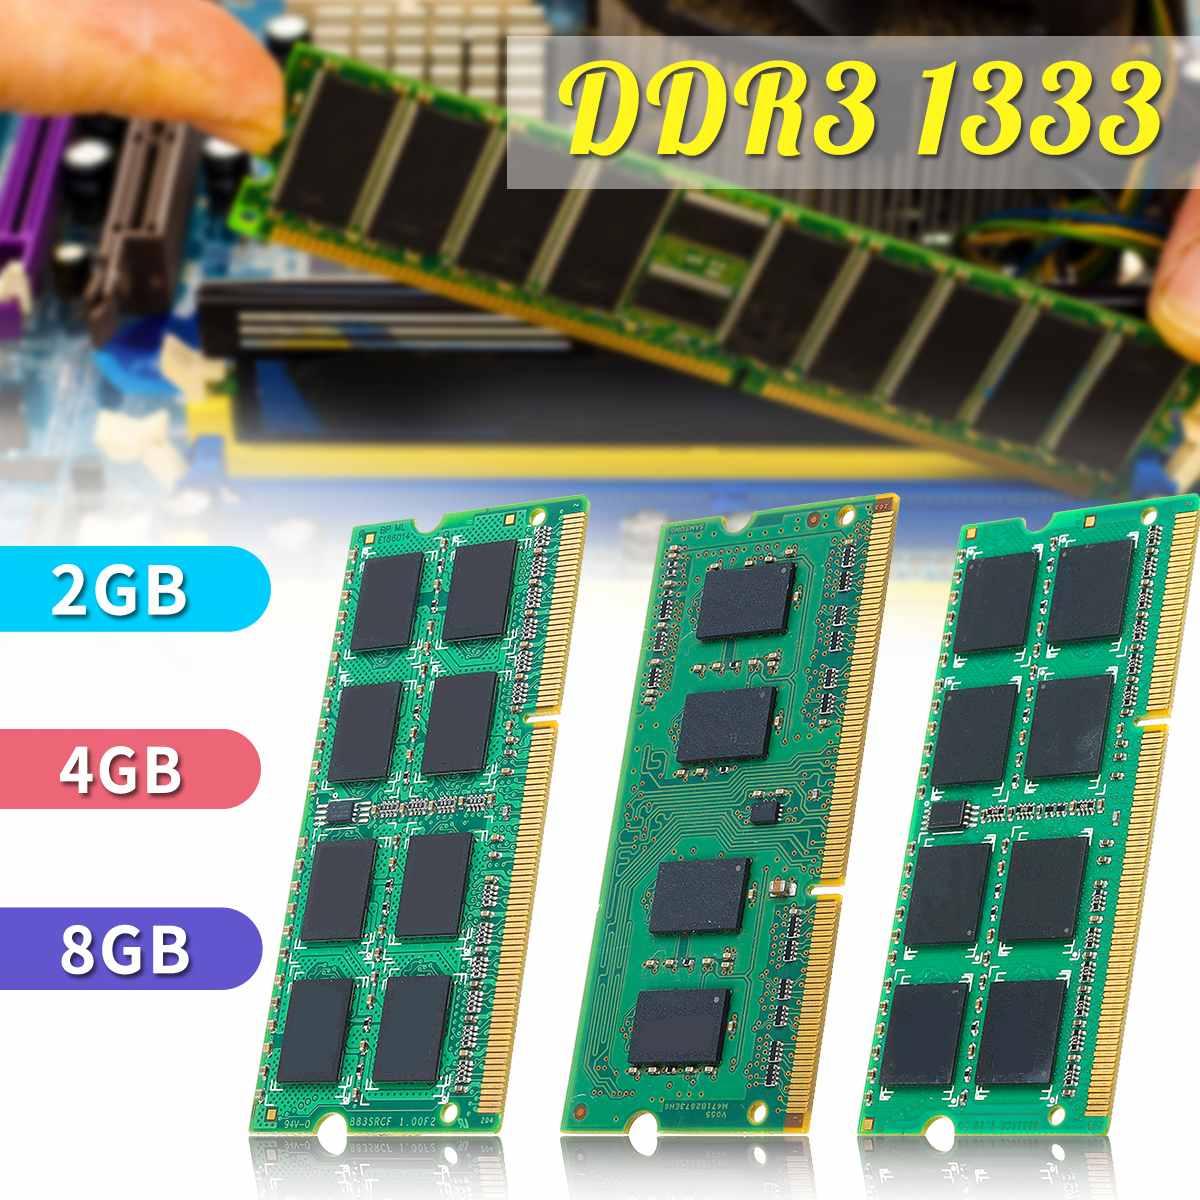 8 GB 4 GB 2 GB ordinateur portable mémoire pour Ram DDR3 1333 mhz PC3-10600S 204 PIN SO-DIMM LOT